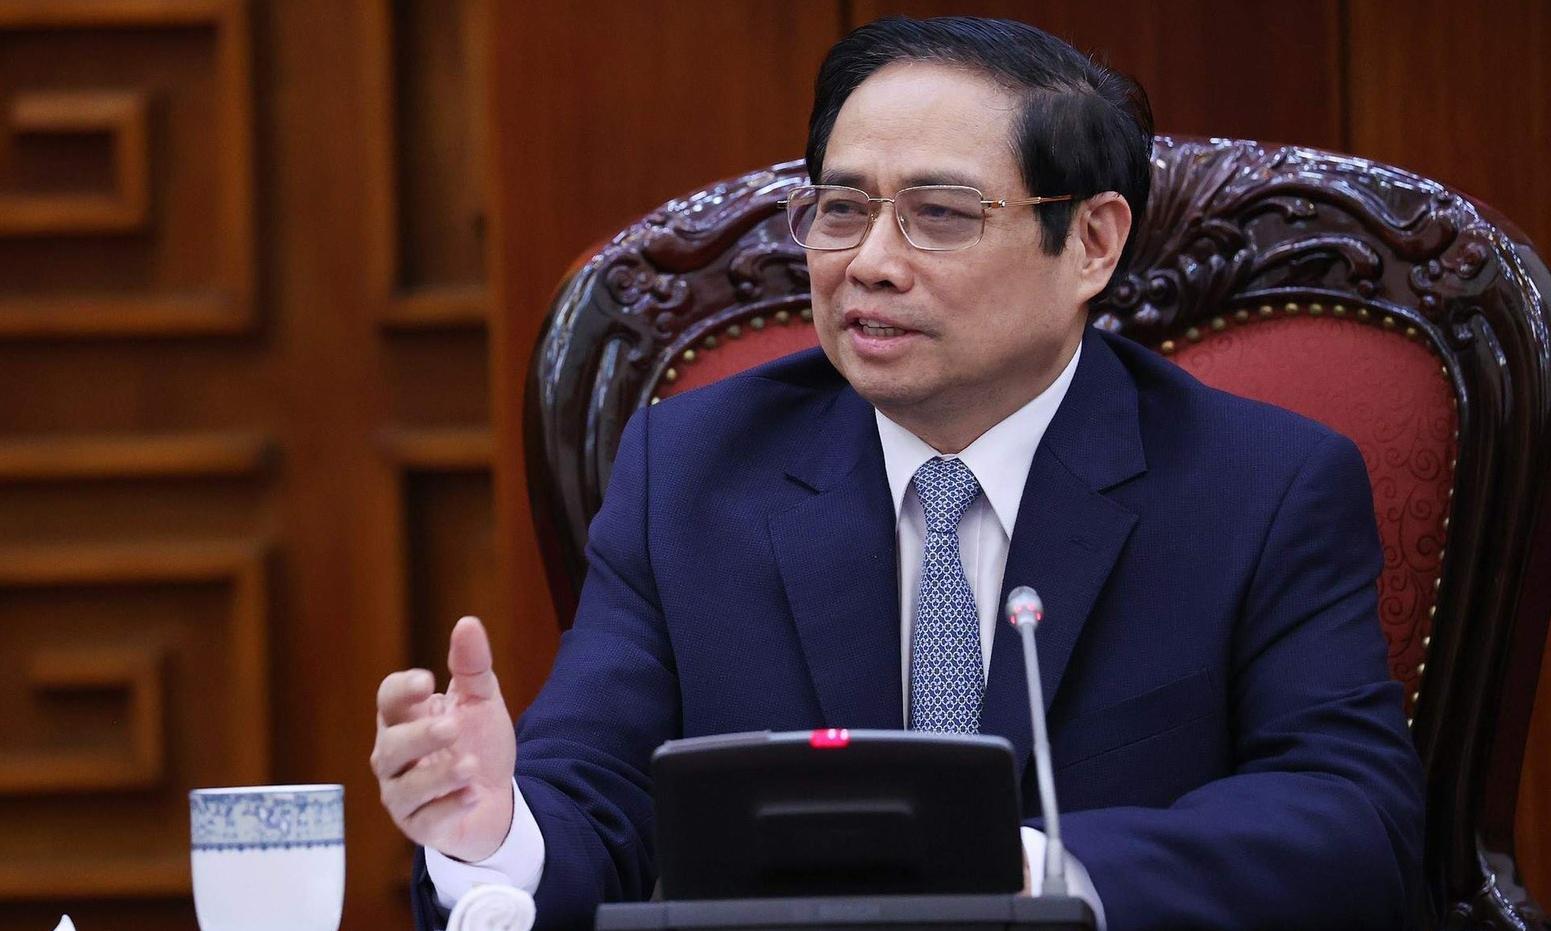 Thủ tướng Phạm Minh Chính tiếp đại sứ Trung Quốc tại Việt Nam Hùng Ba tại Trụ sở Chính phủ hôm nay. Ảnh: BNG.